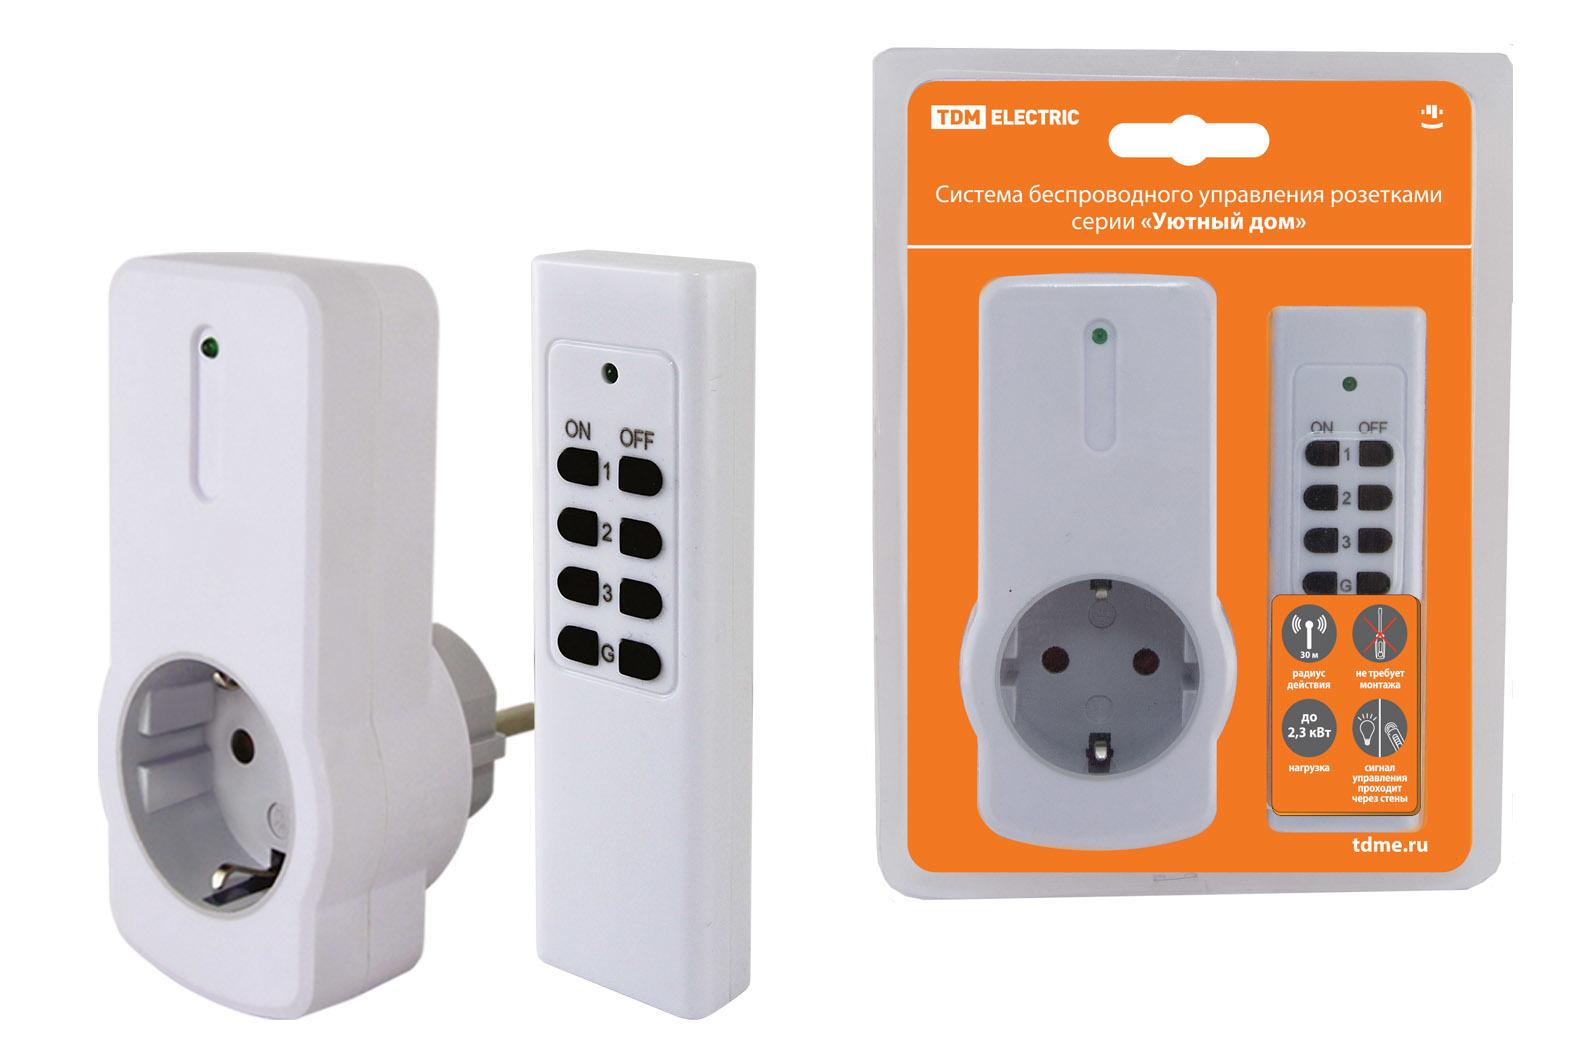 Комплект для беспроводного управления розетками ПУ3-Р1.1 (1 приемник) Уютный дом